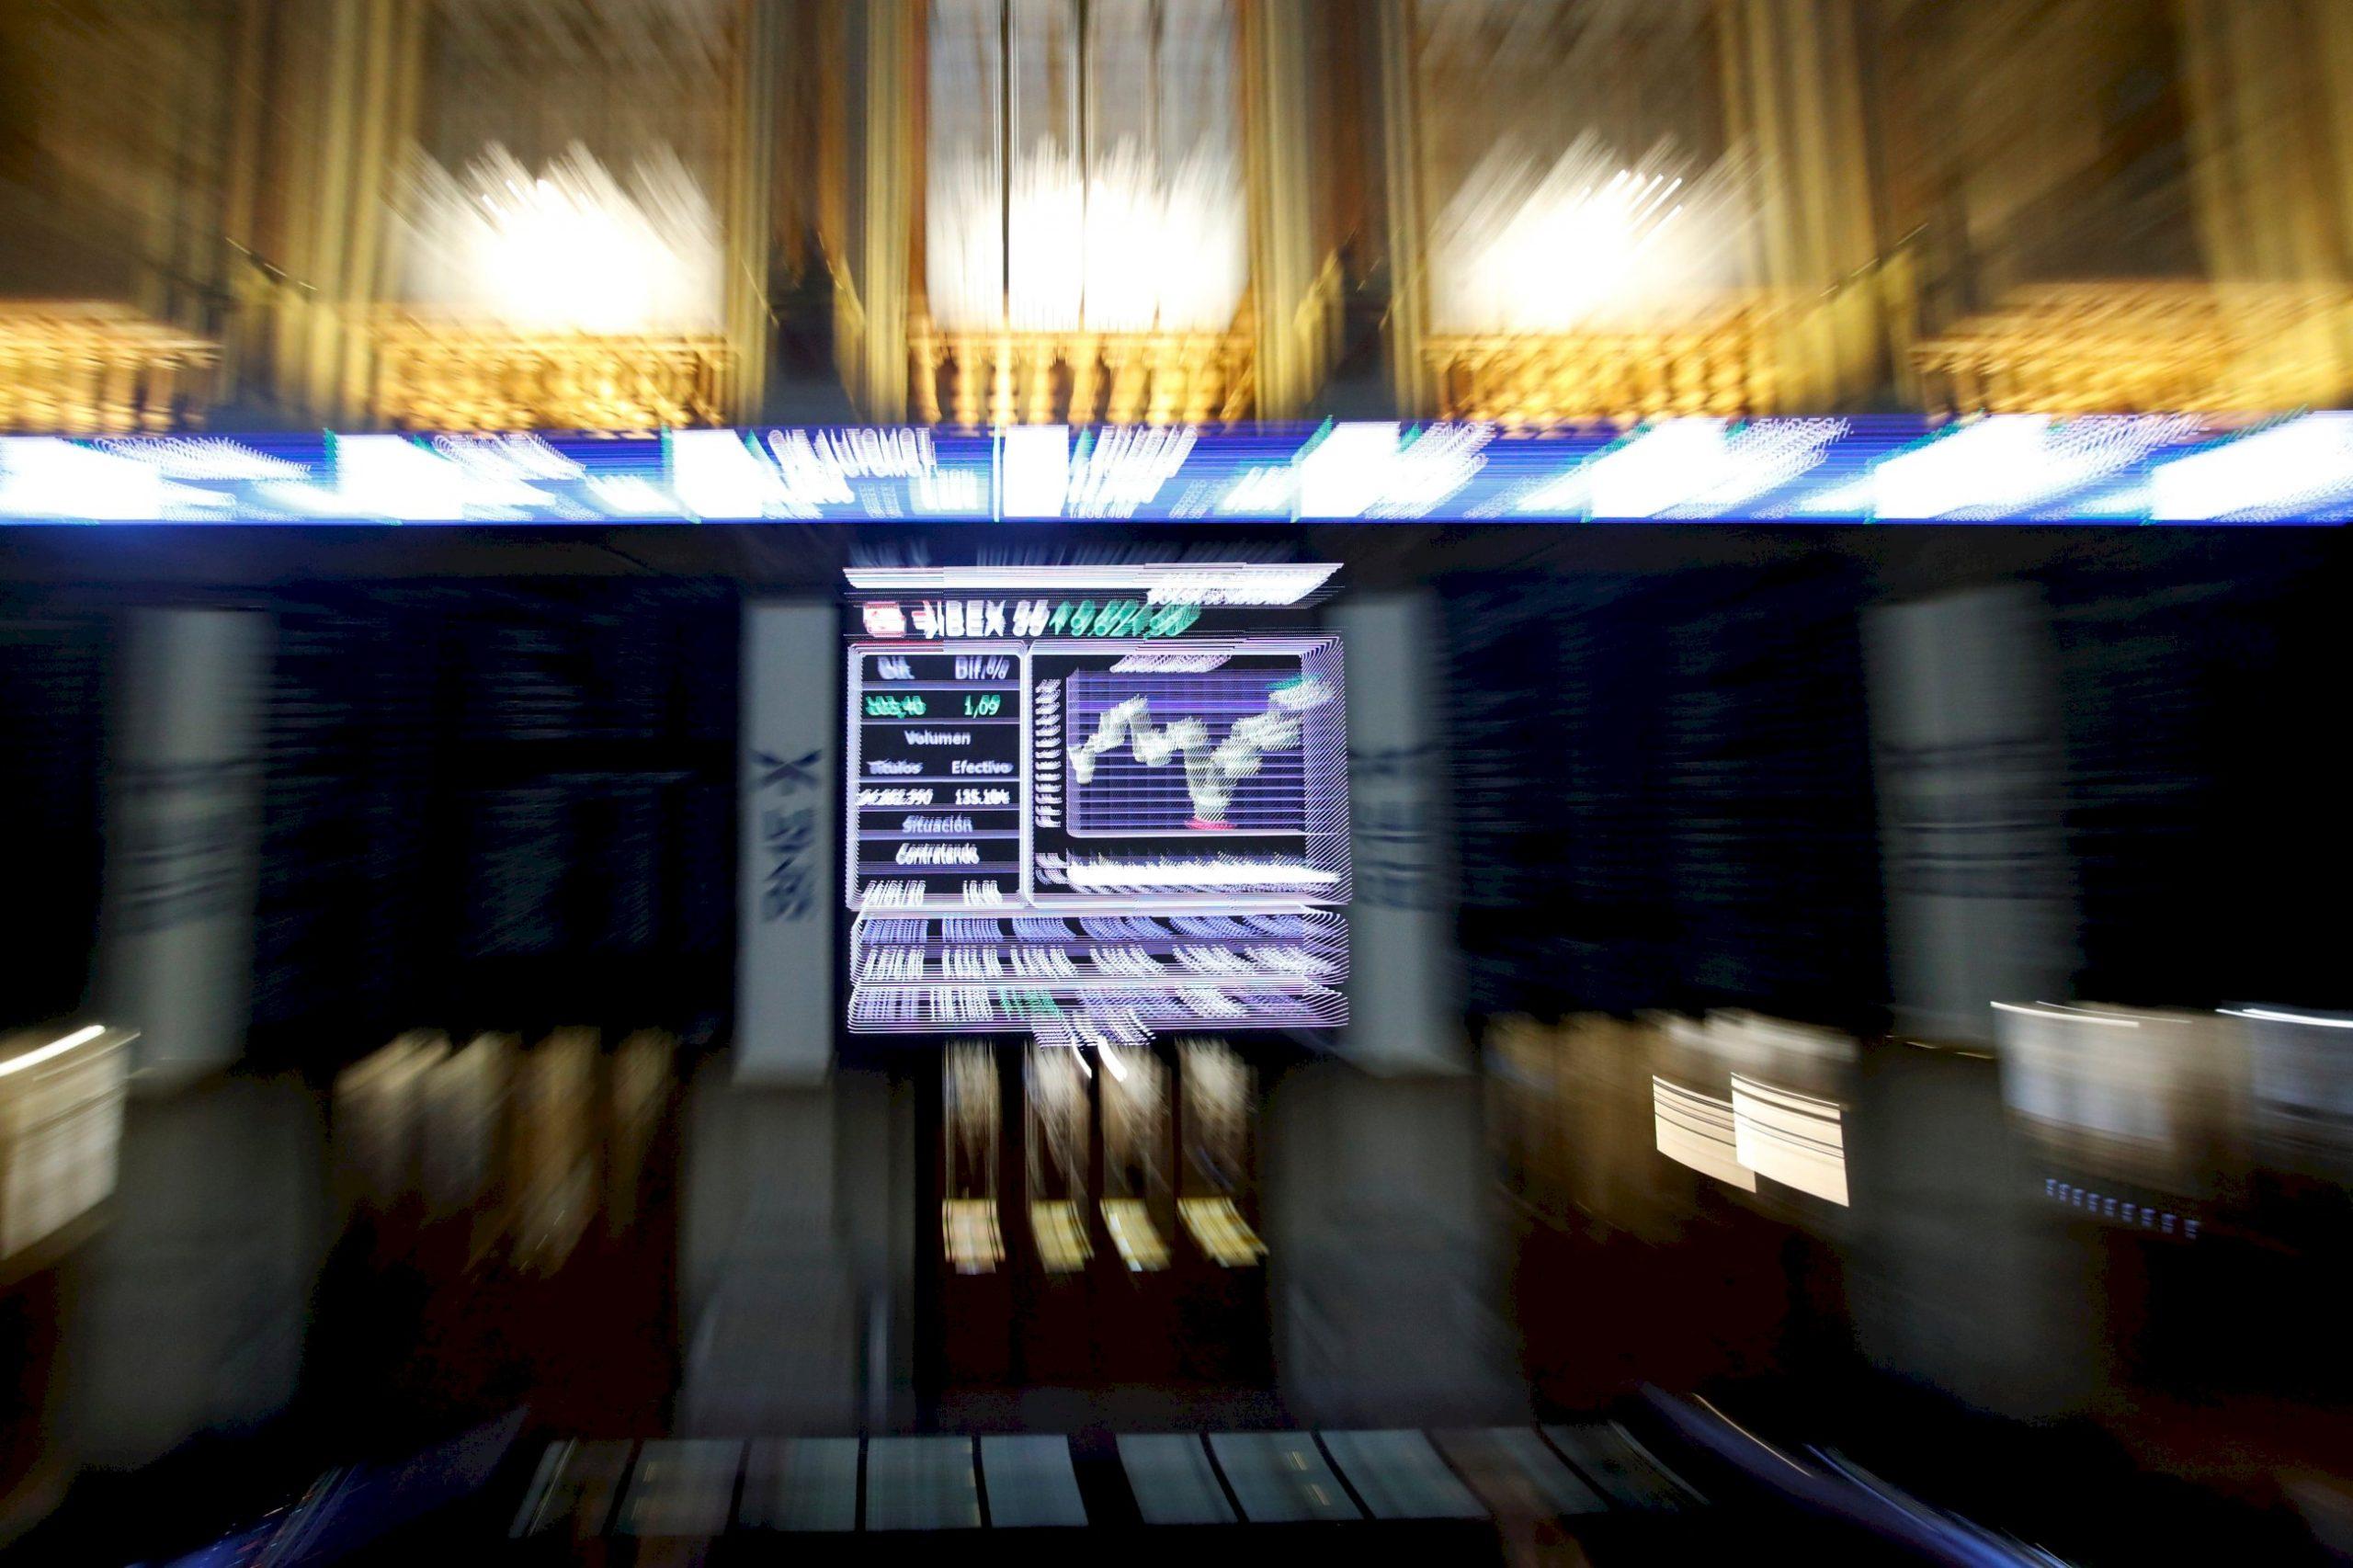 IBEX 35: CIE se dispara tras darle Caixabank un potencial del 20% | Autor del artículo: Daniel Domínguez